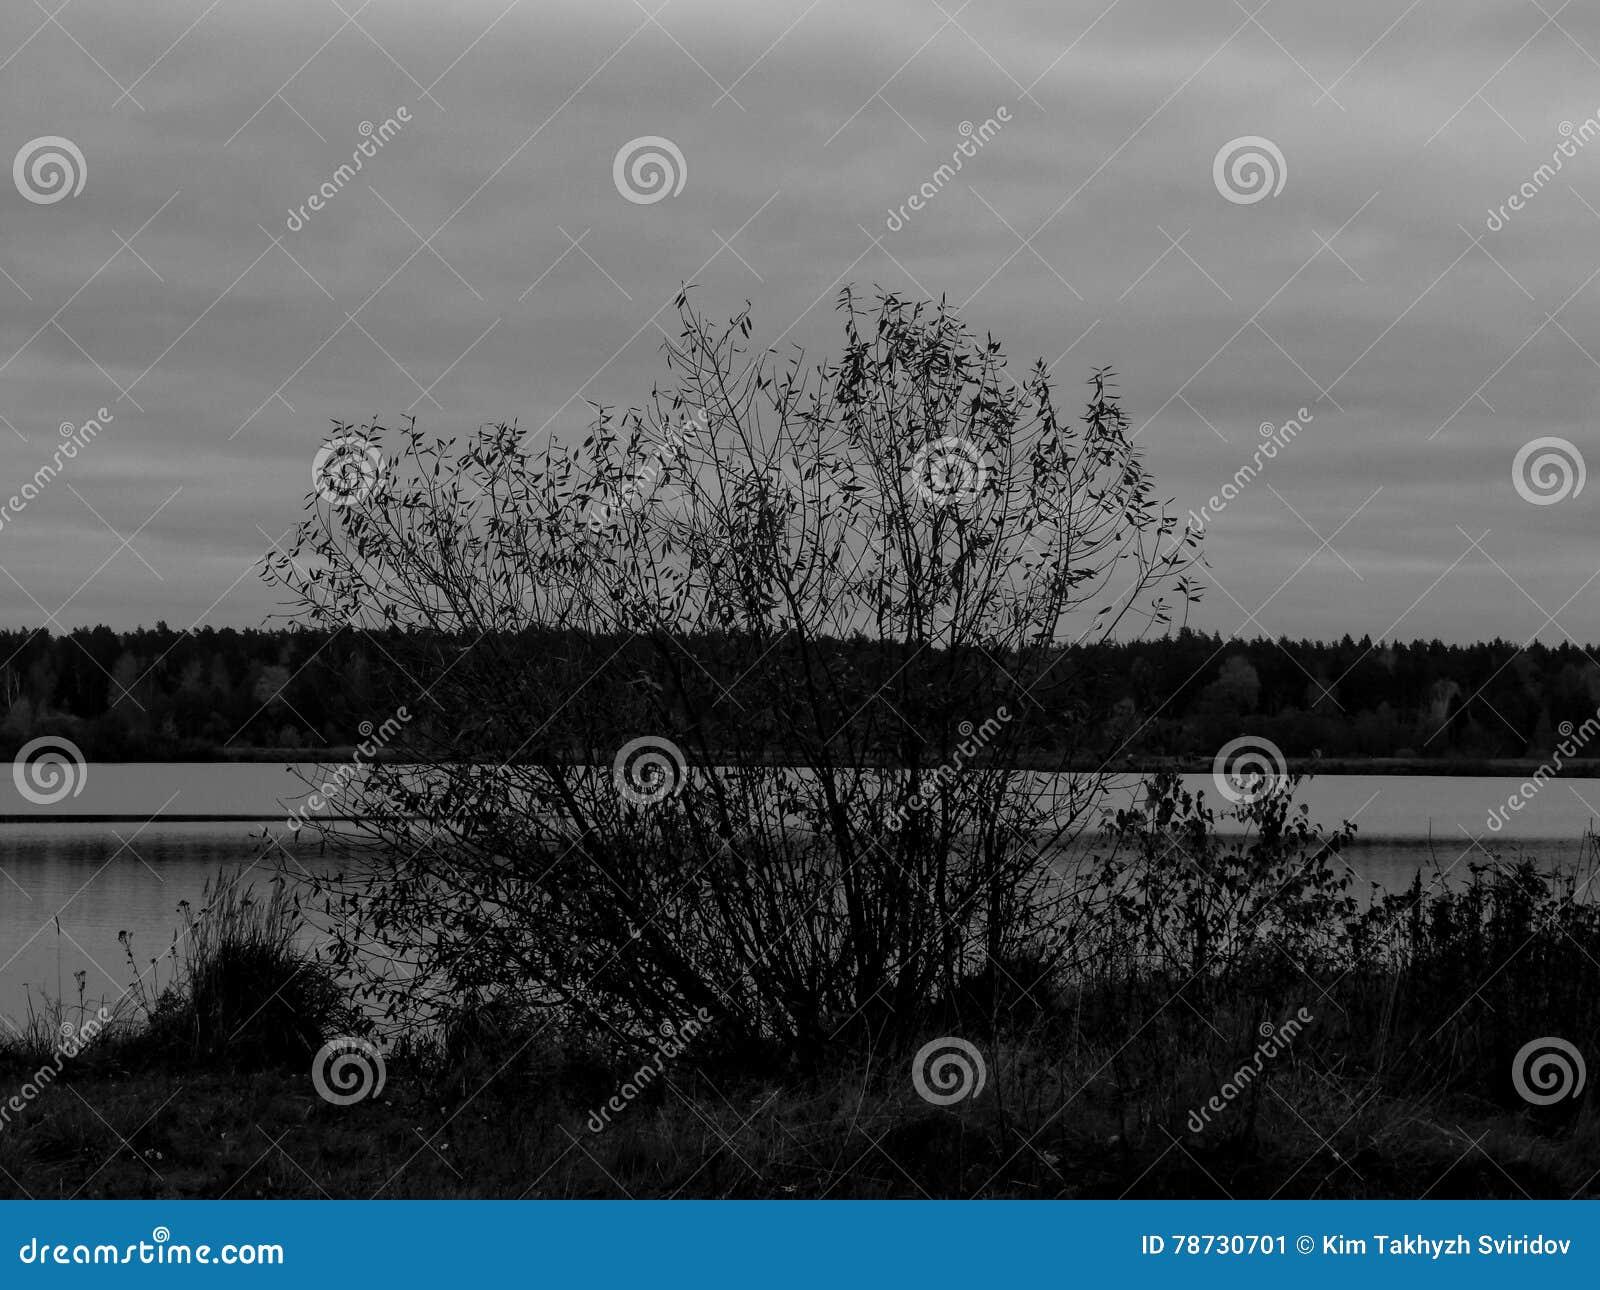 Landskap på en sjö i den svartvita bilden